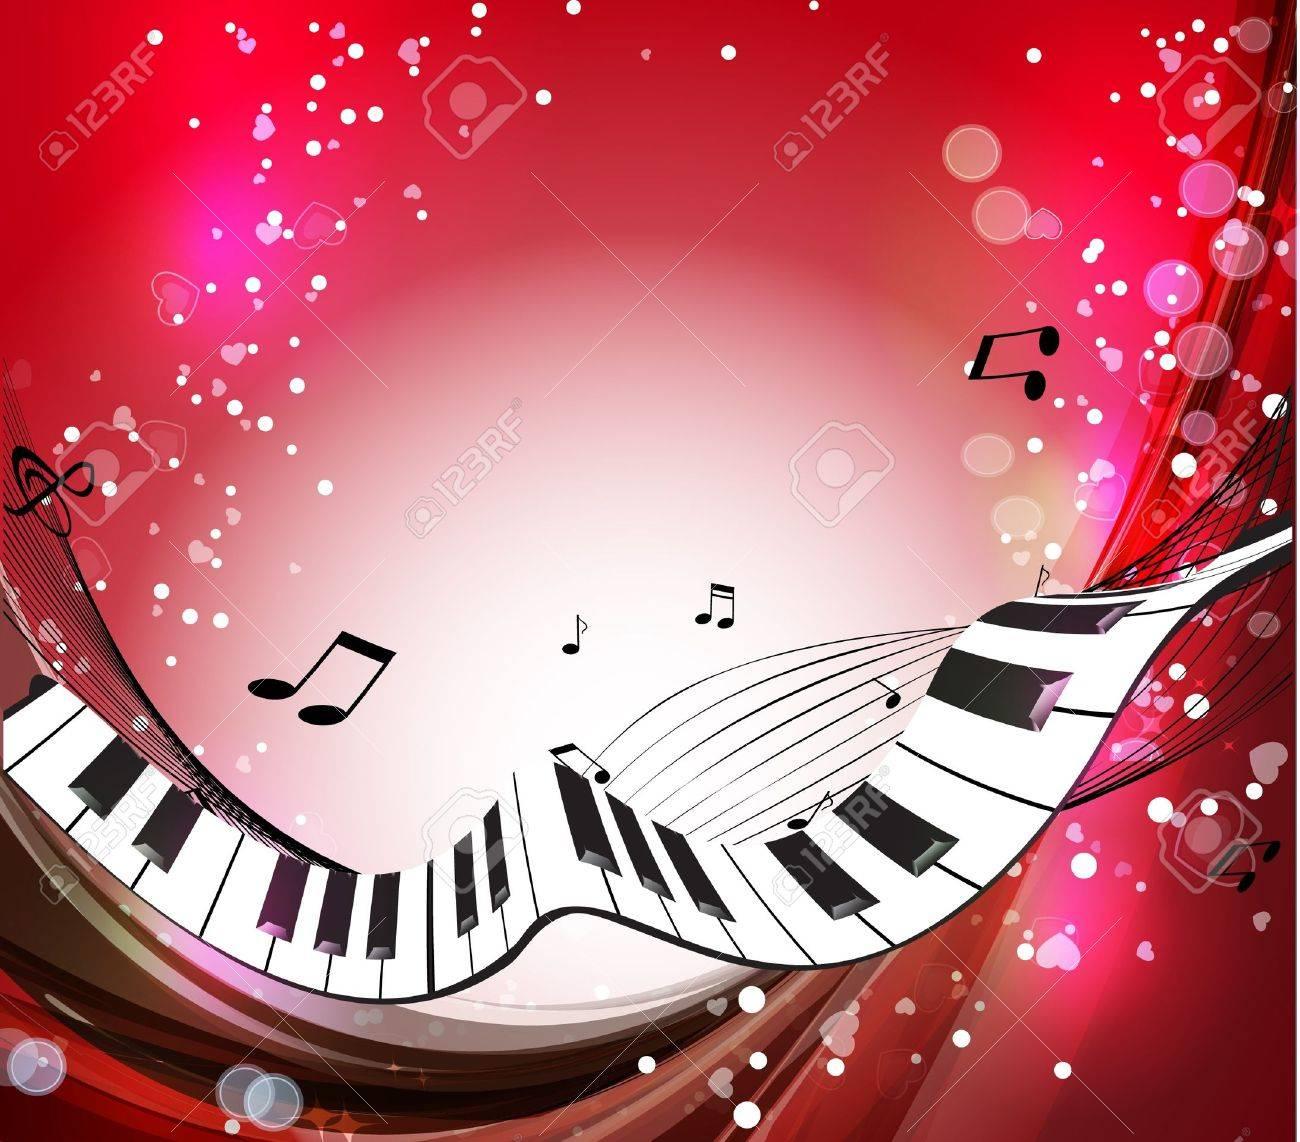 Музыкальные фоны для конкурсов